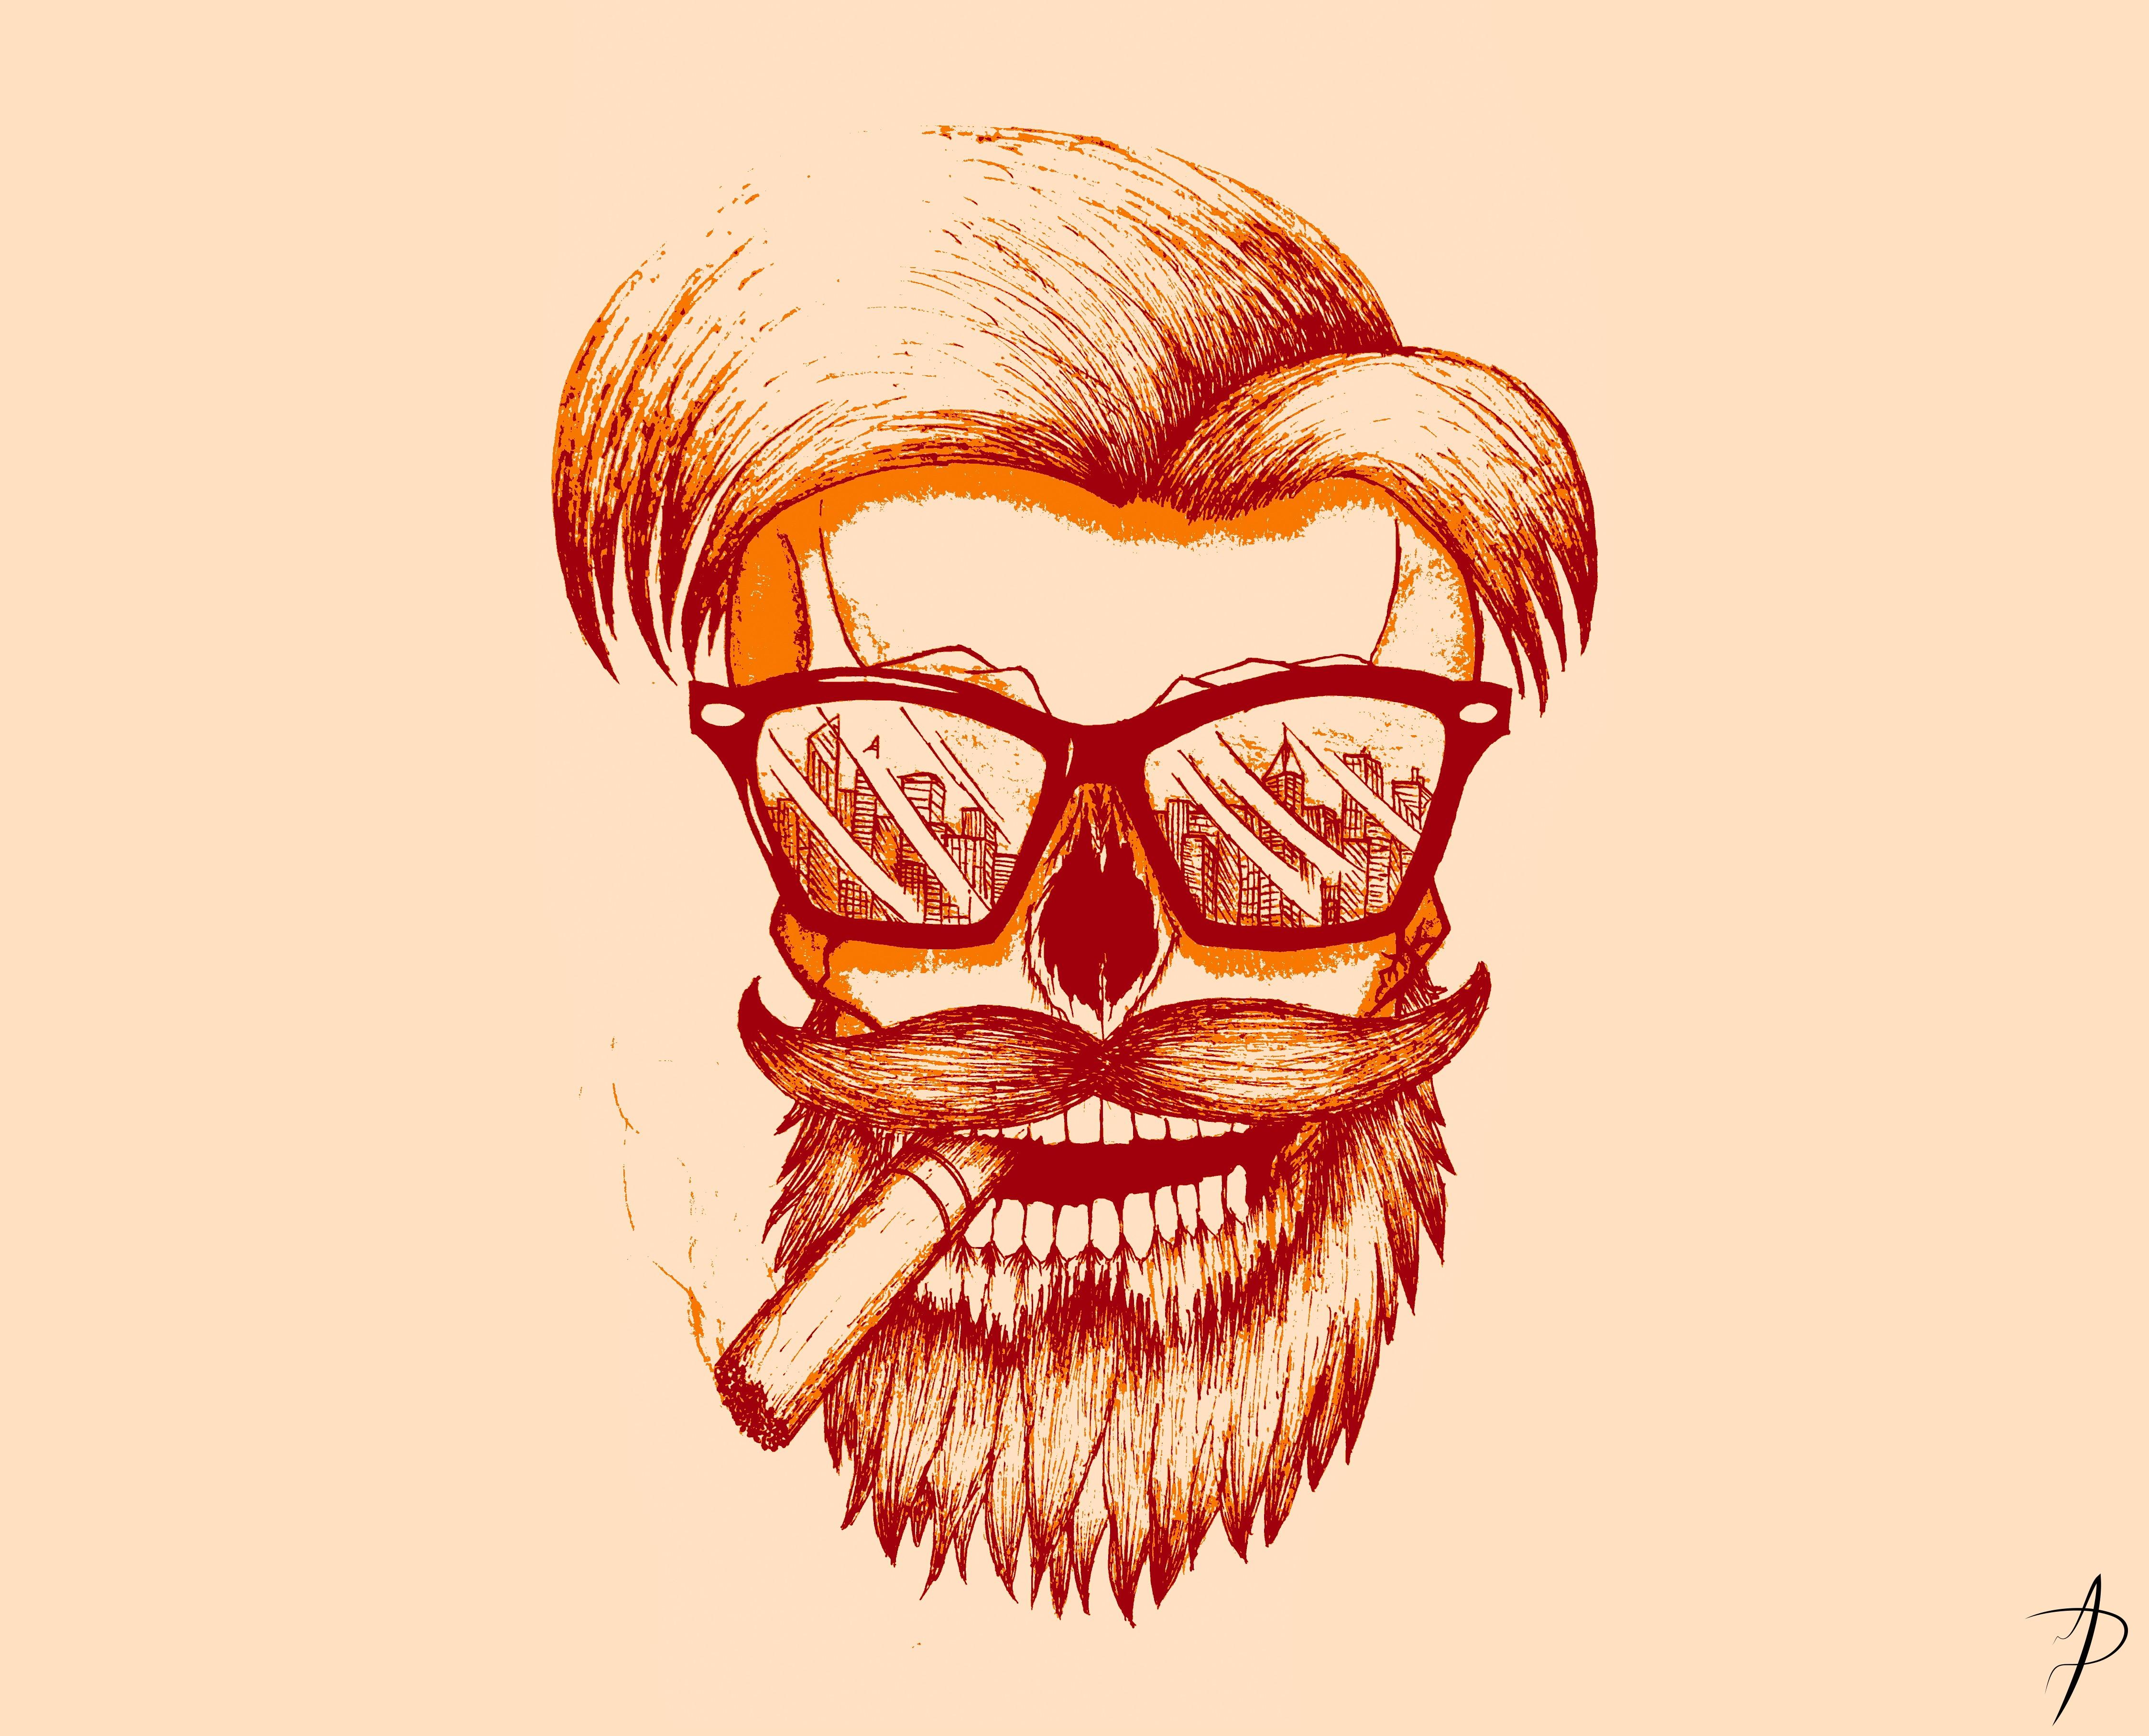 Wallpaper Face Drawing Illustration Glasses Cartoon Skull